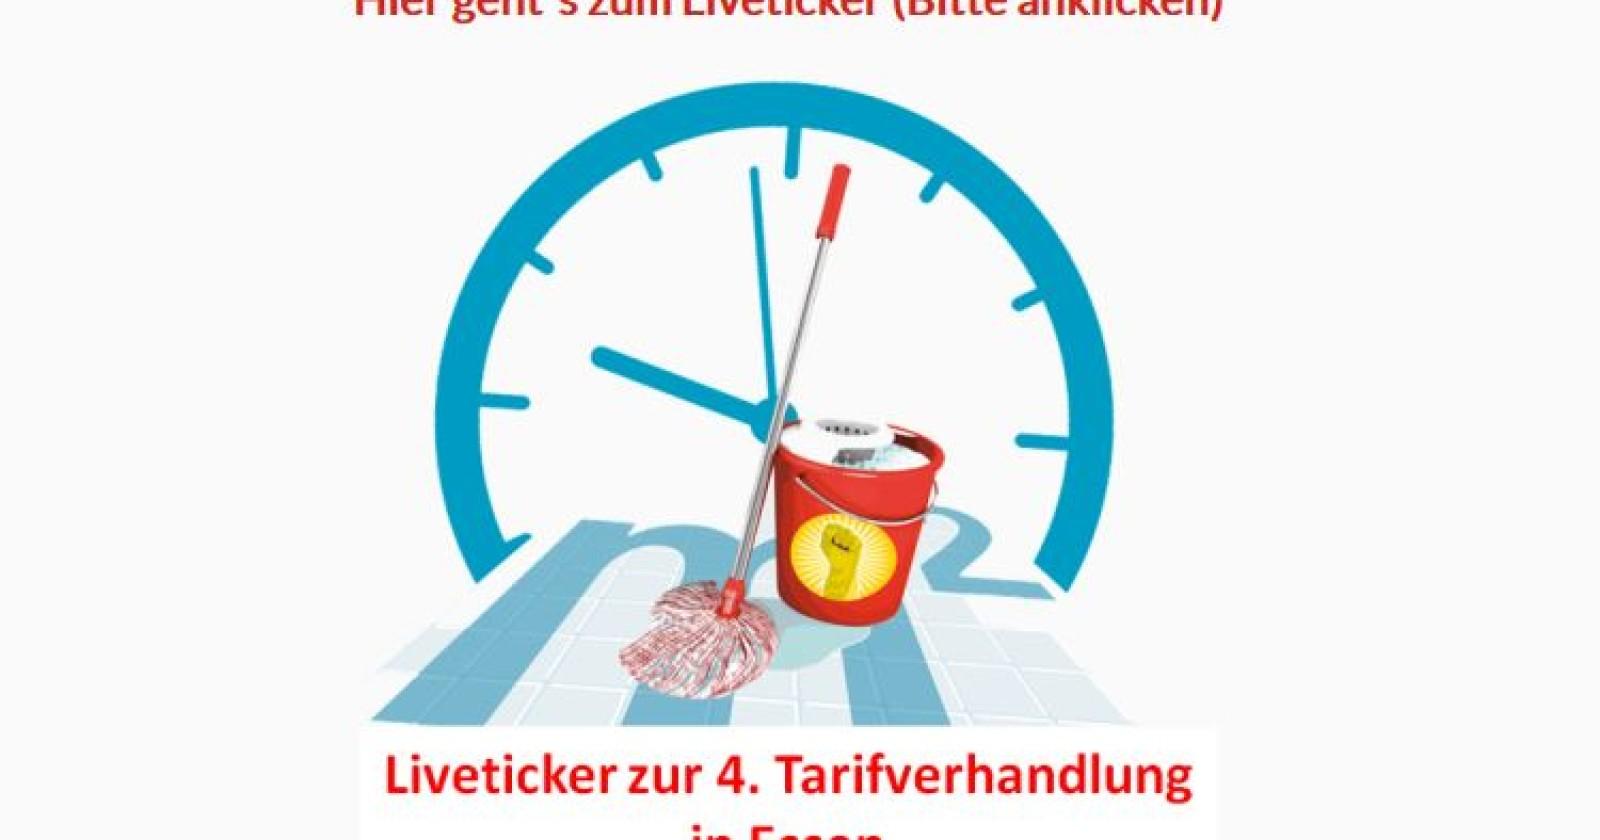 Live-Ticker zur vierten Tarifverhandlungsrunde in Essen